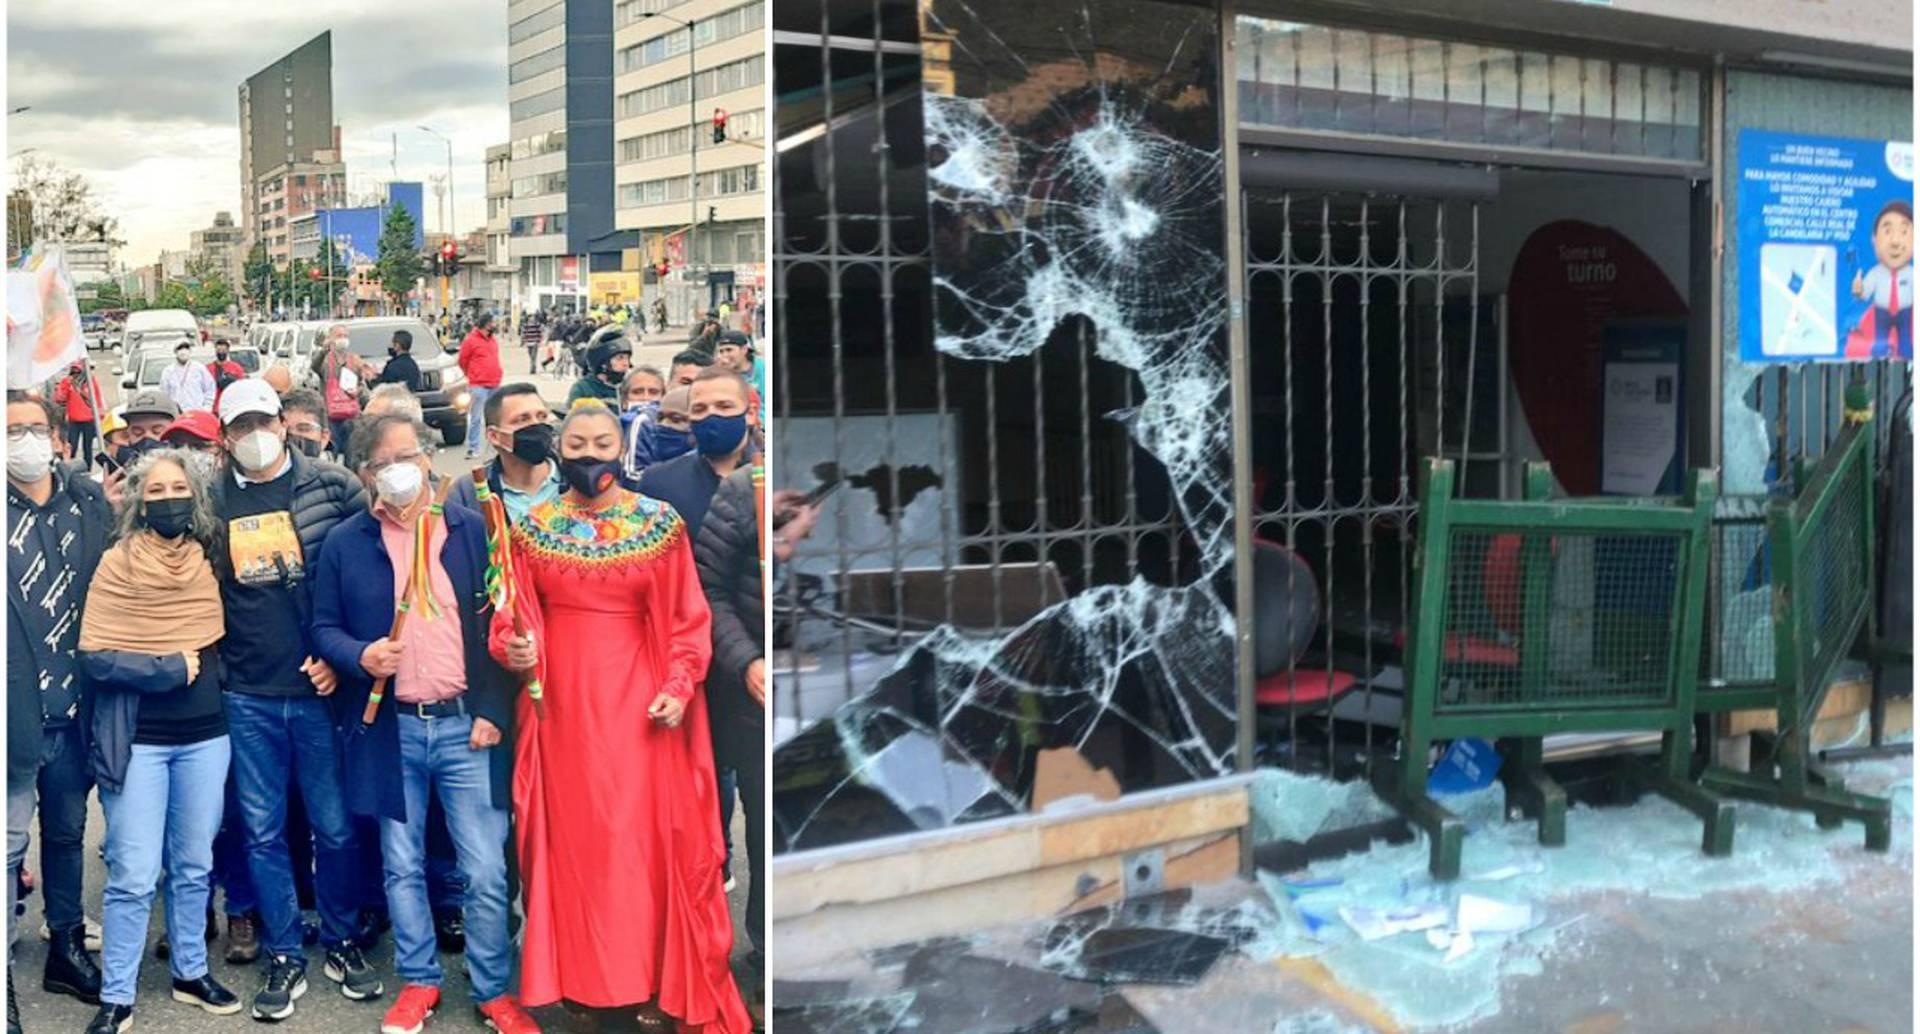 El senador Gustavo Petro (Izq.) participaba en las movilizaciones de este 21 de septiembre en Bogotá, pero se retiró por los disturbios registrados entre el Esmad y manifestantes (Der.)